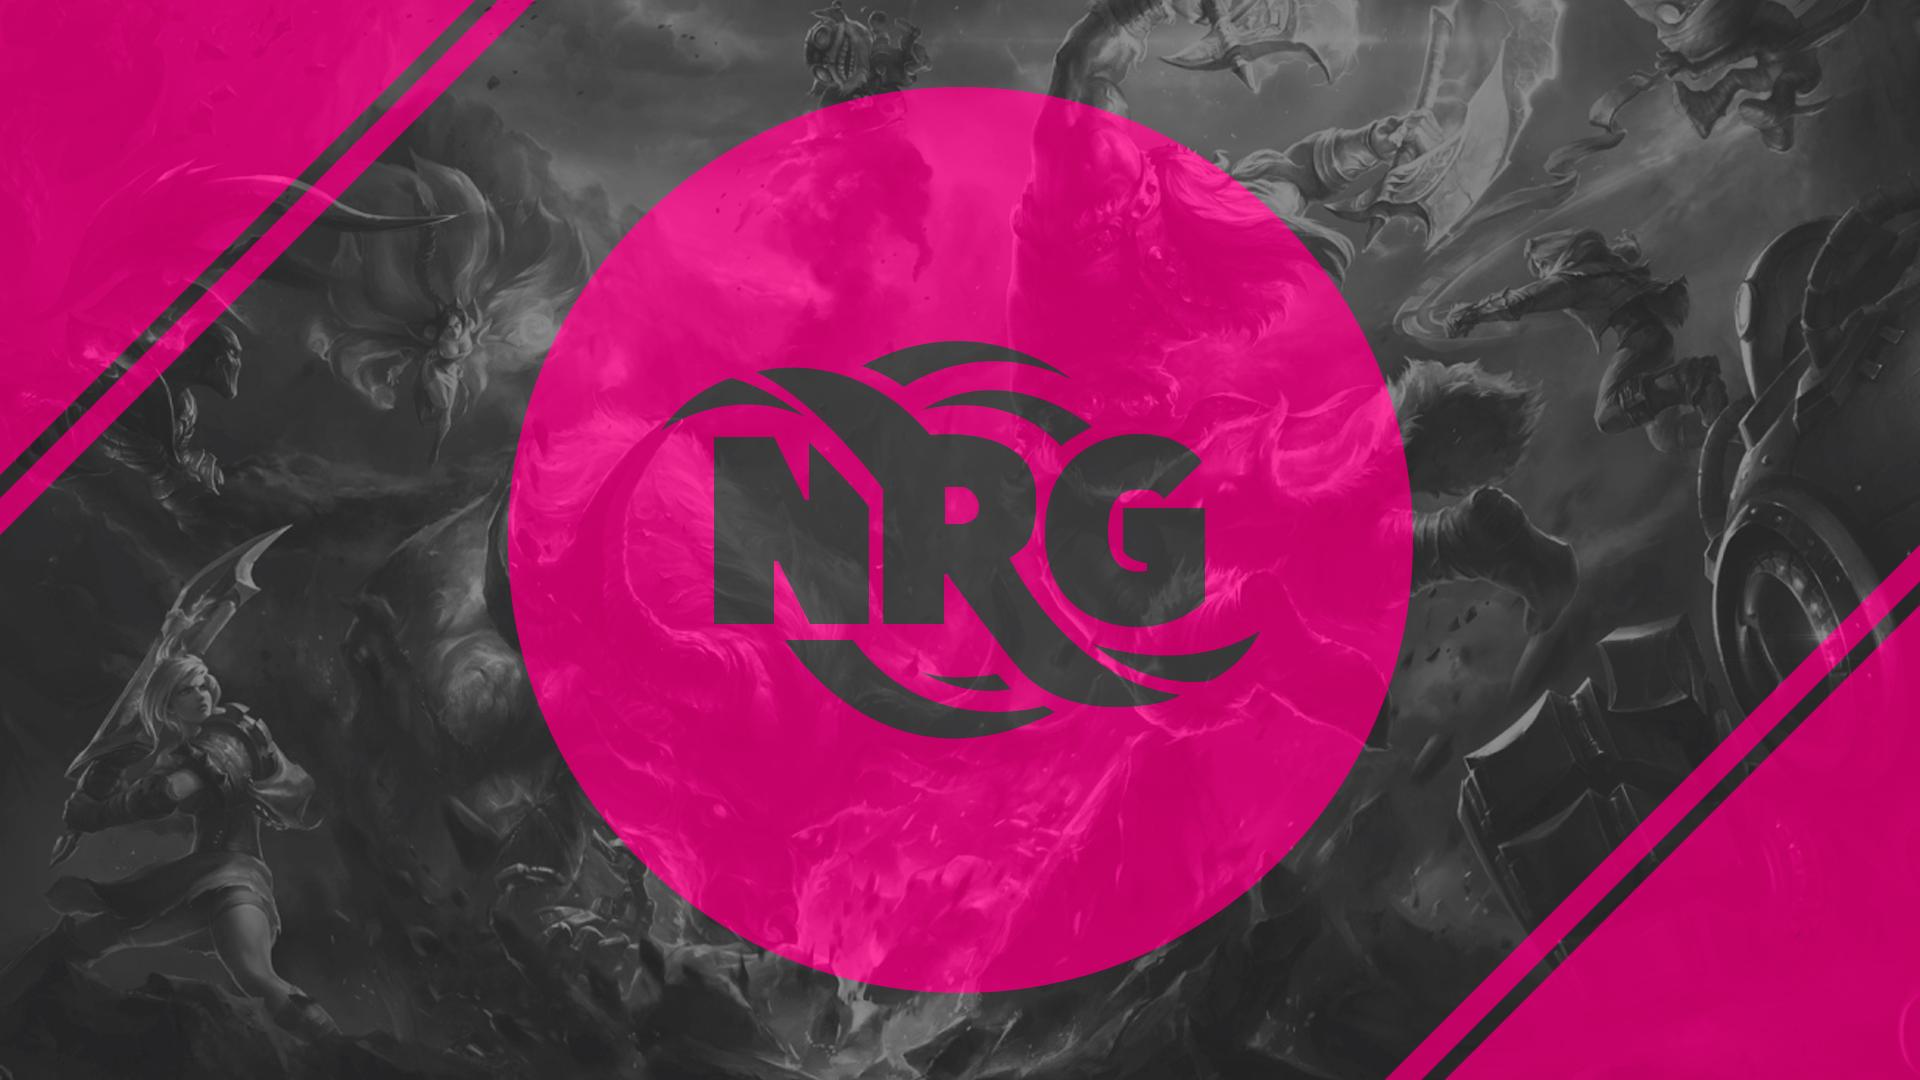 NRG wallpaper